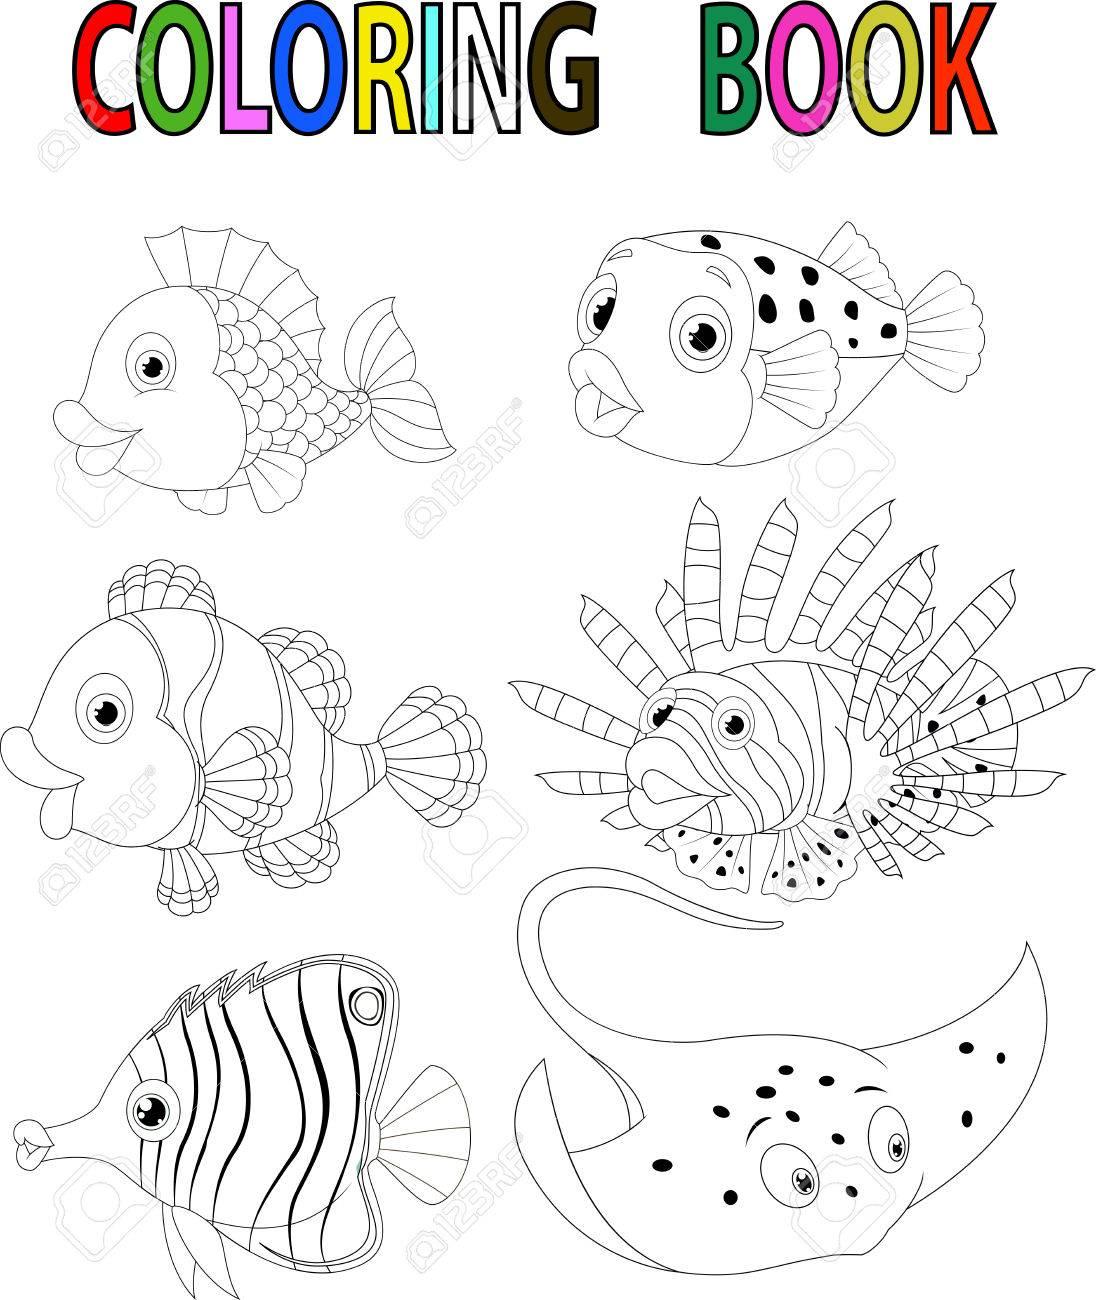 Dibujos De Peces Para Colorear. Dibujo De Peces Para Pintar Imprimir ...